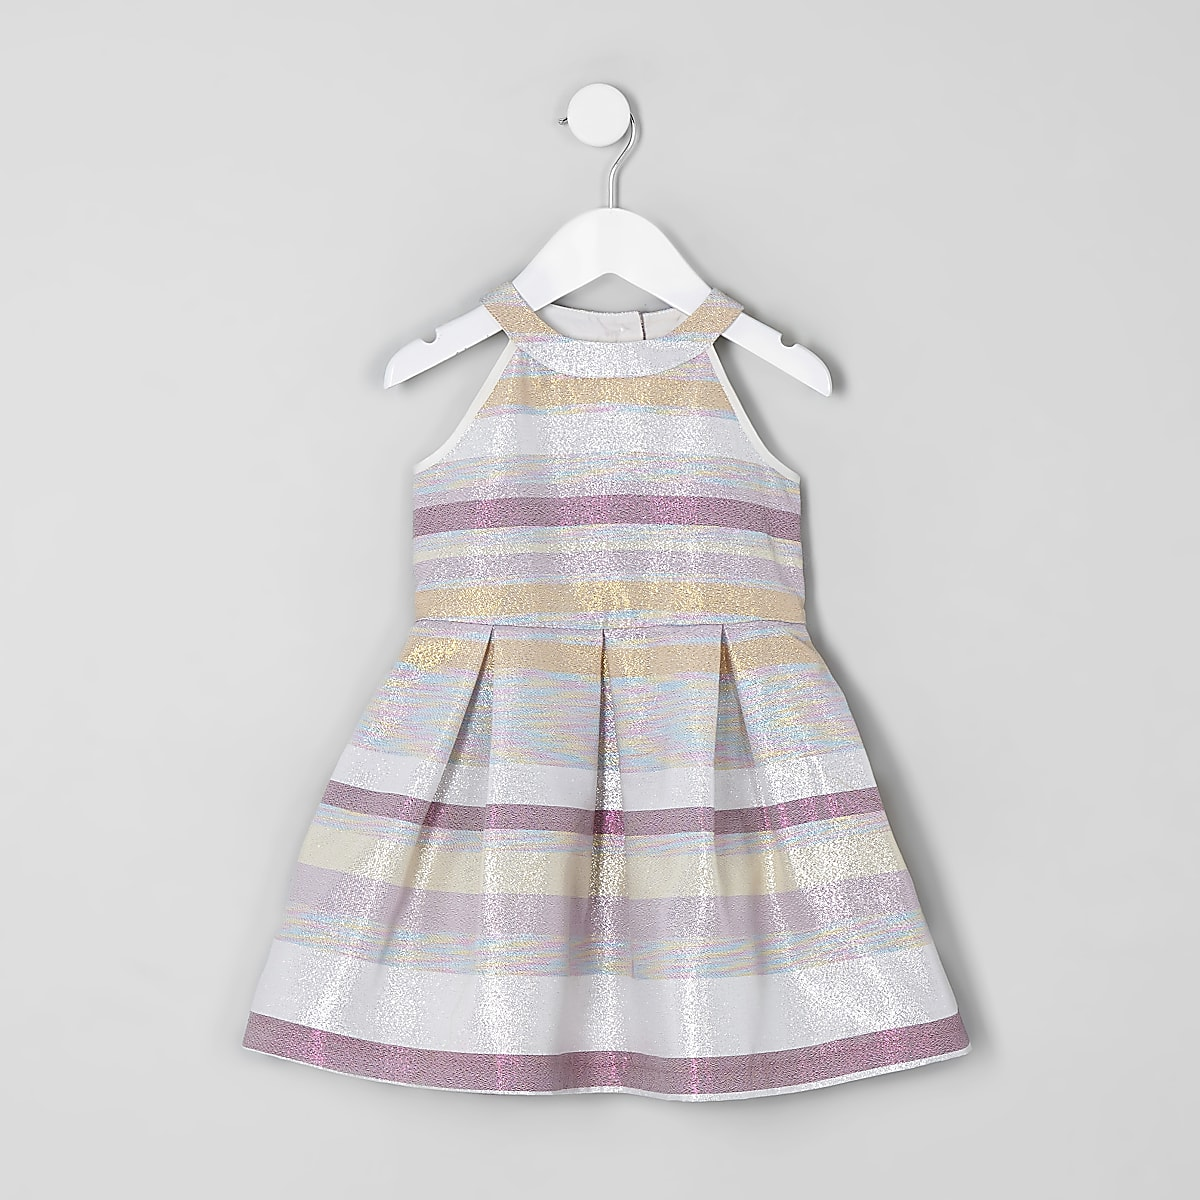 d165df55cb26c Robe de gala rayée rose pailletée mini fille - Robes pour bébé fille ...